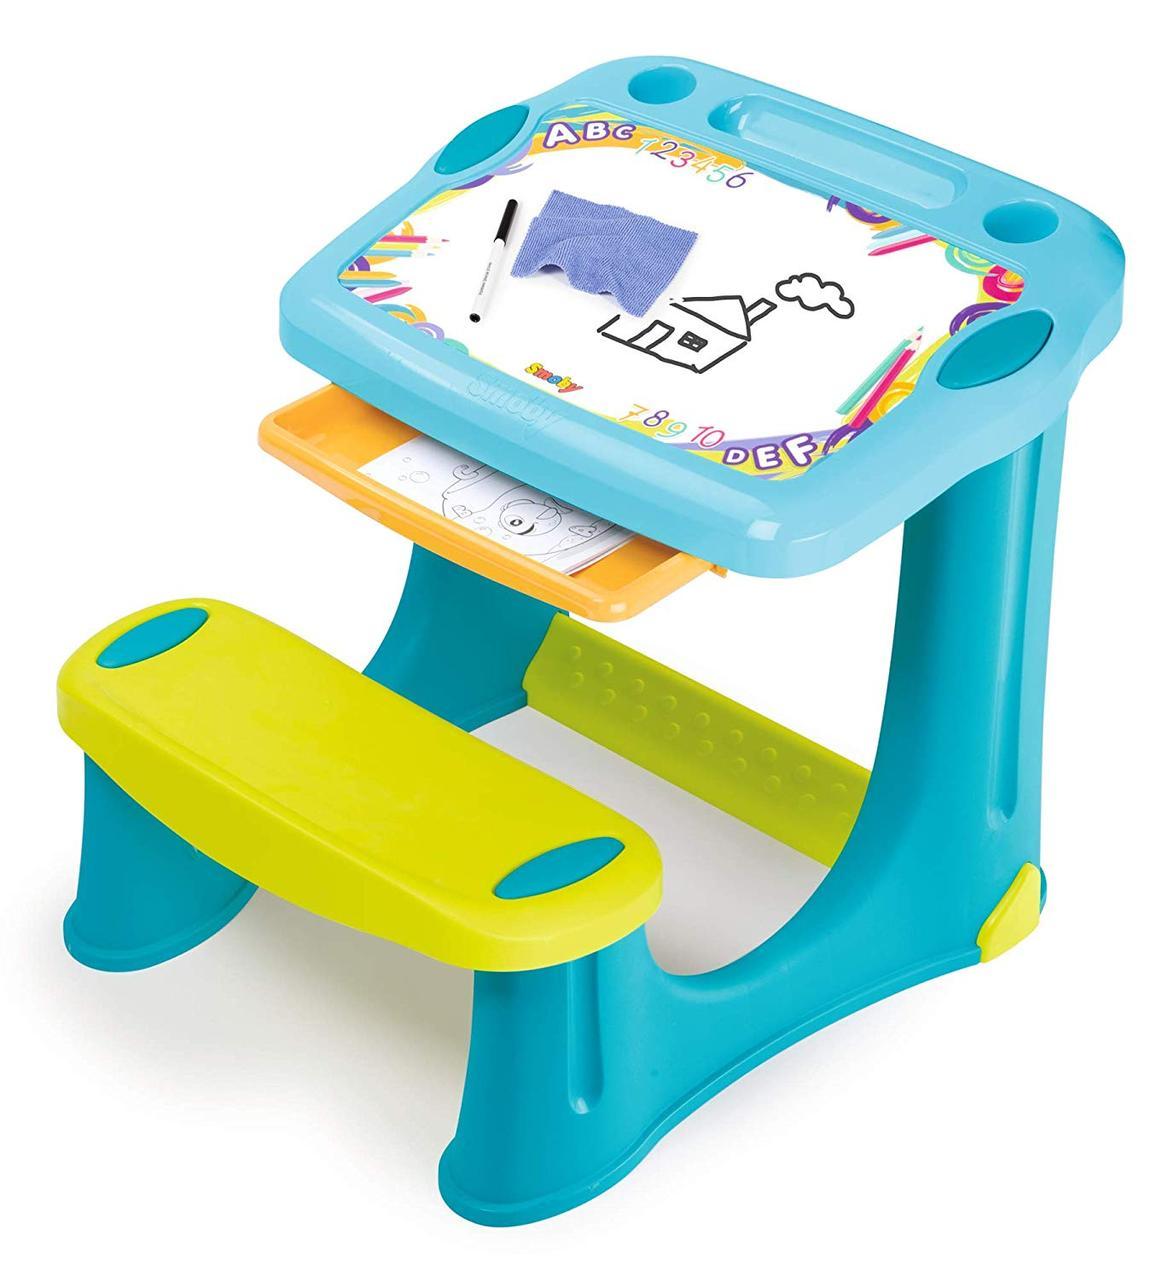 """Пластиковая парта-мольберт с выдвижным ящиком """"Магическая"""" Smoby, Blue 2+ (420218)"""